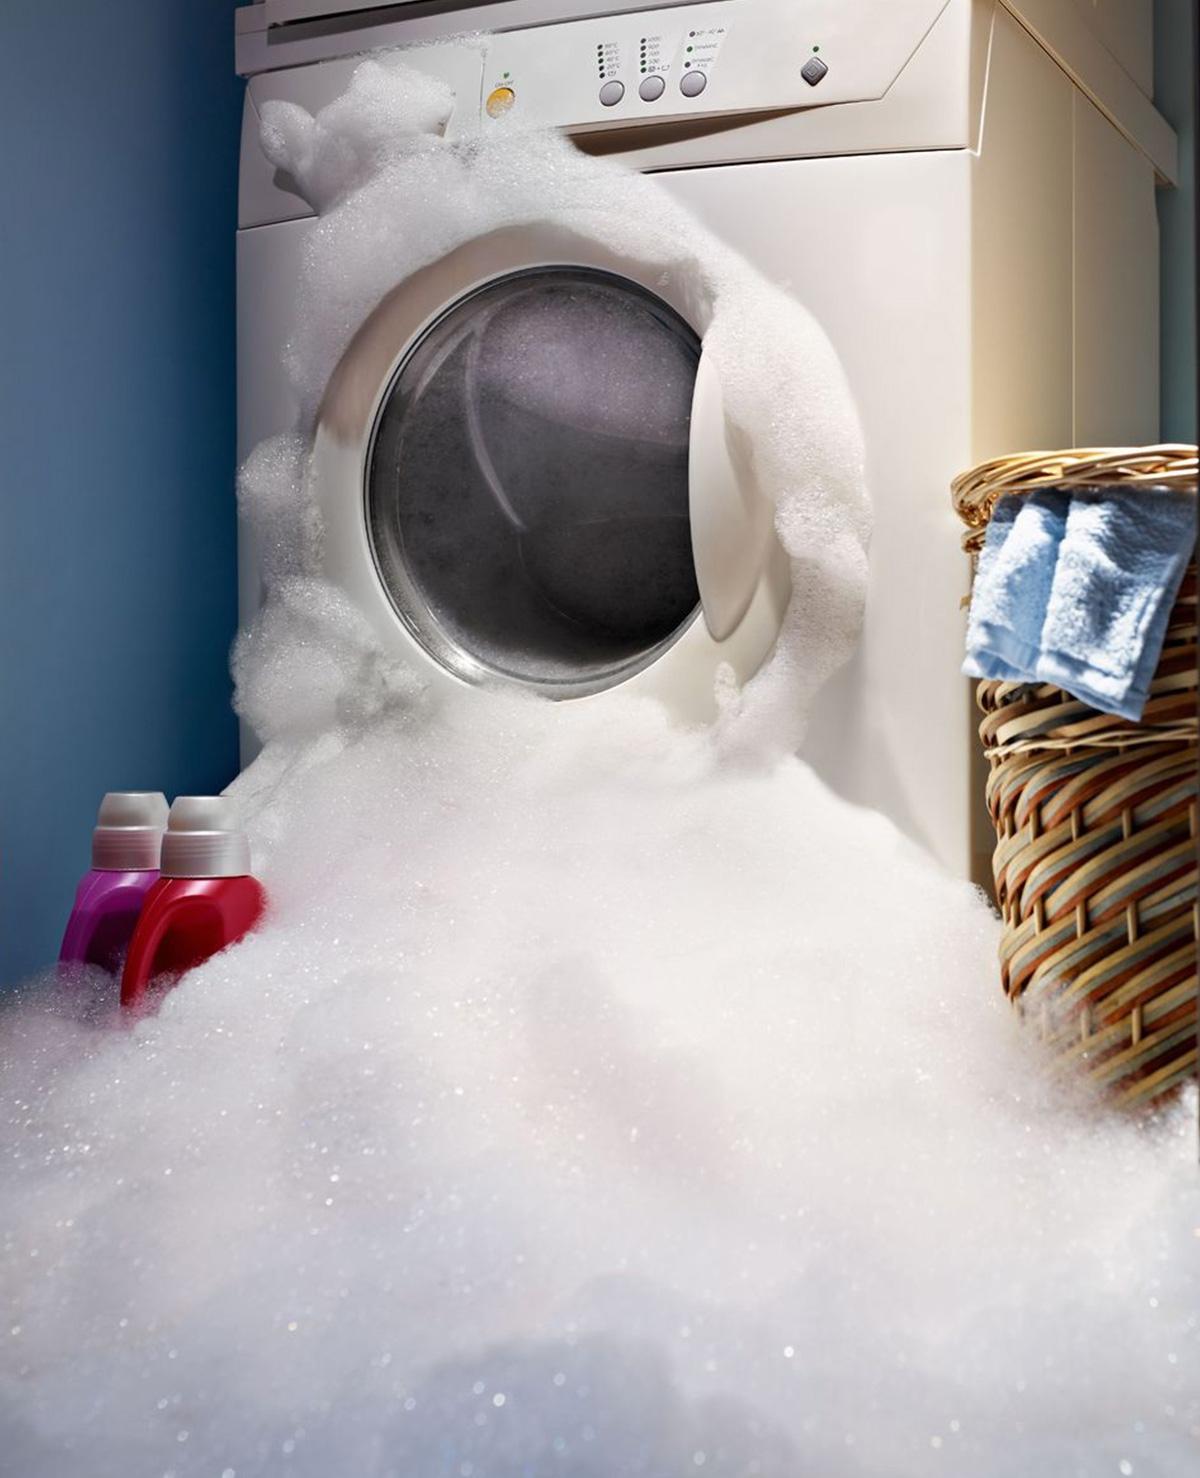 Koop die wasmachine!